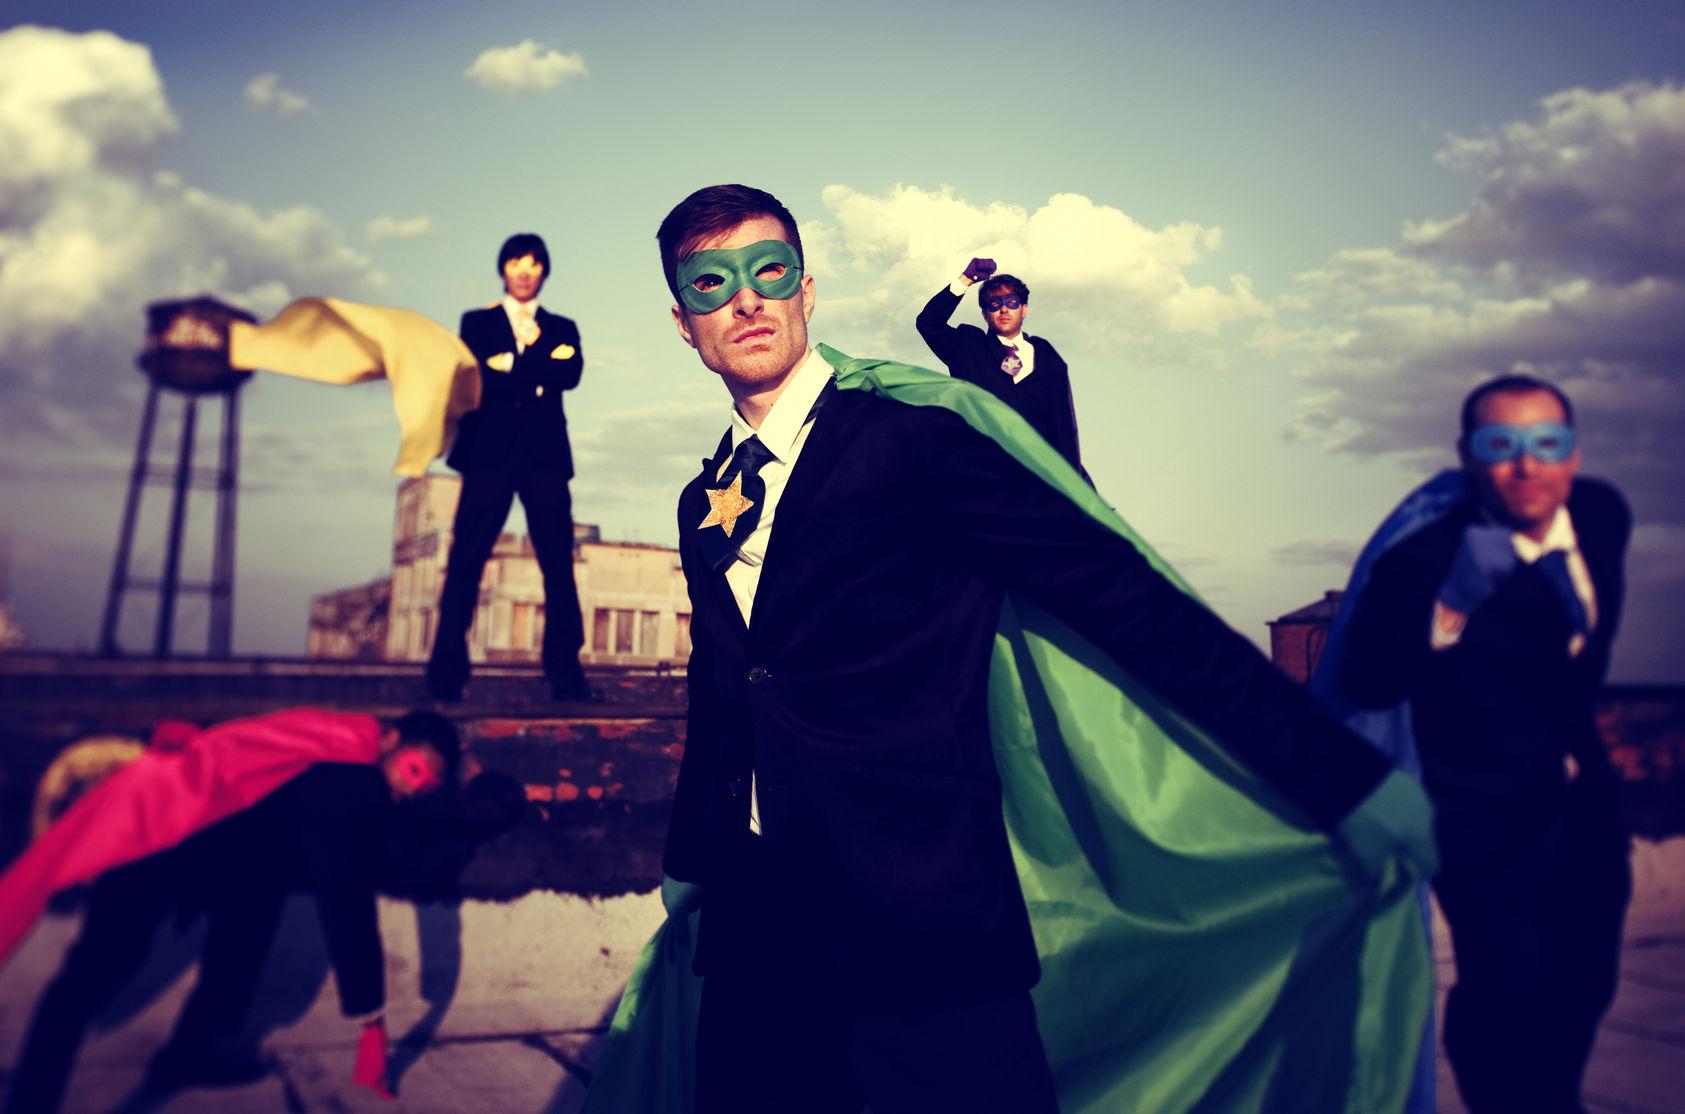 Super men in suits.jpg